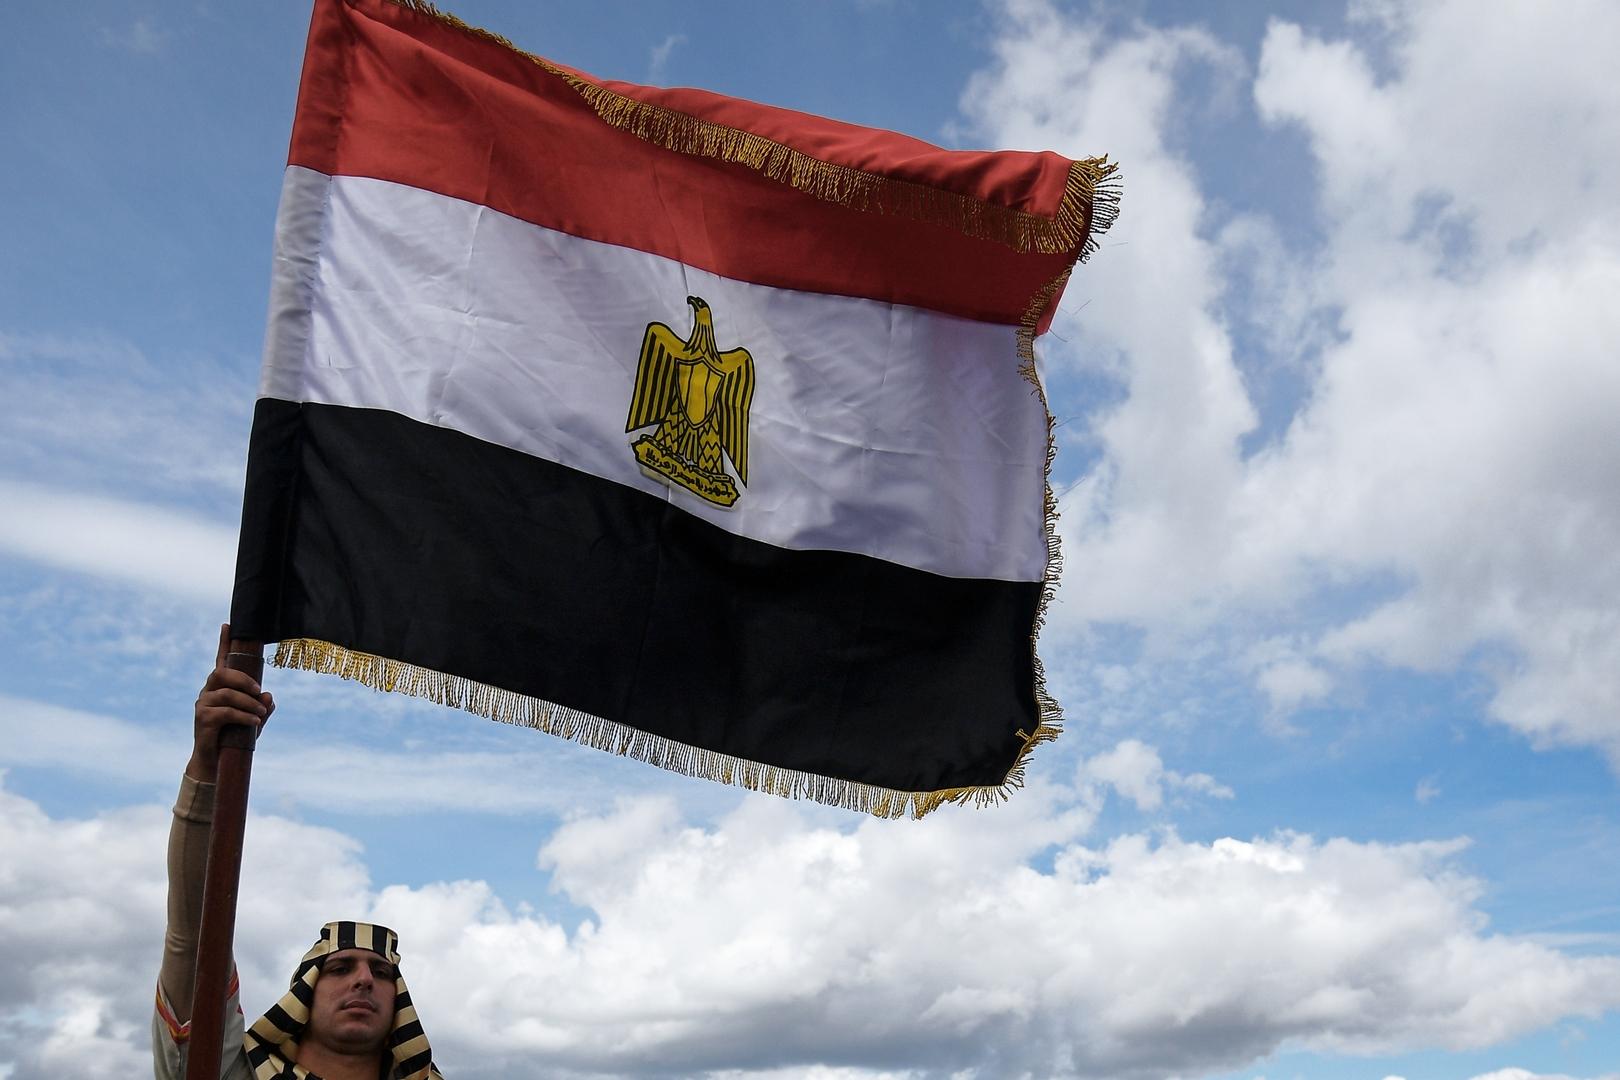 أبطال مصر على غلاف كتاب بالمنهاج الدراسي .. القدوة الحسنة